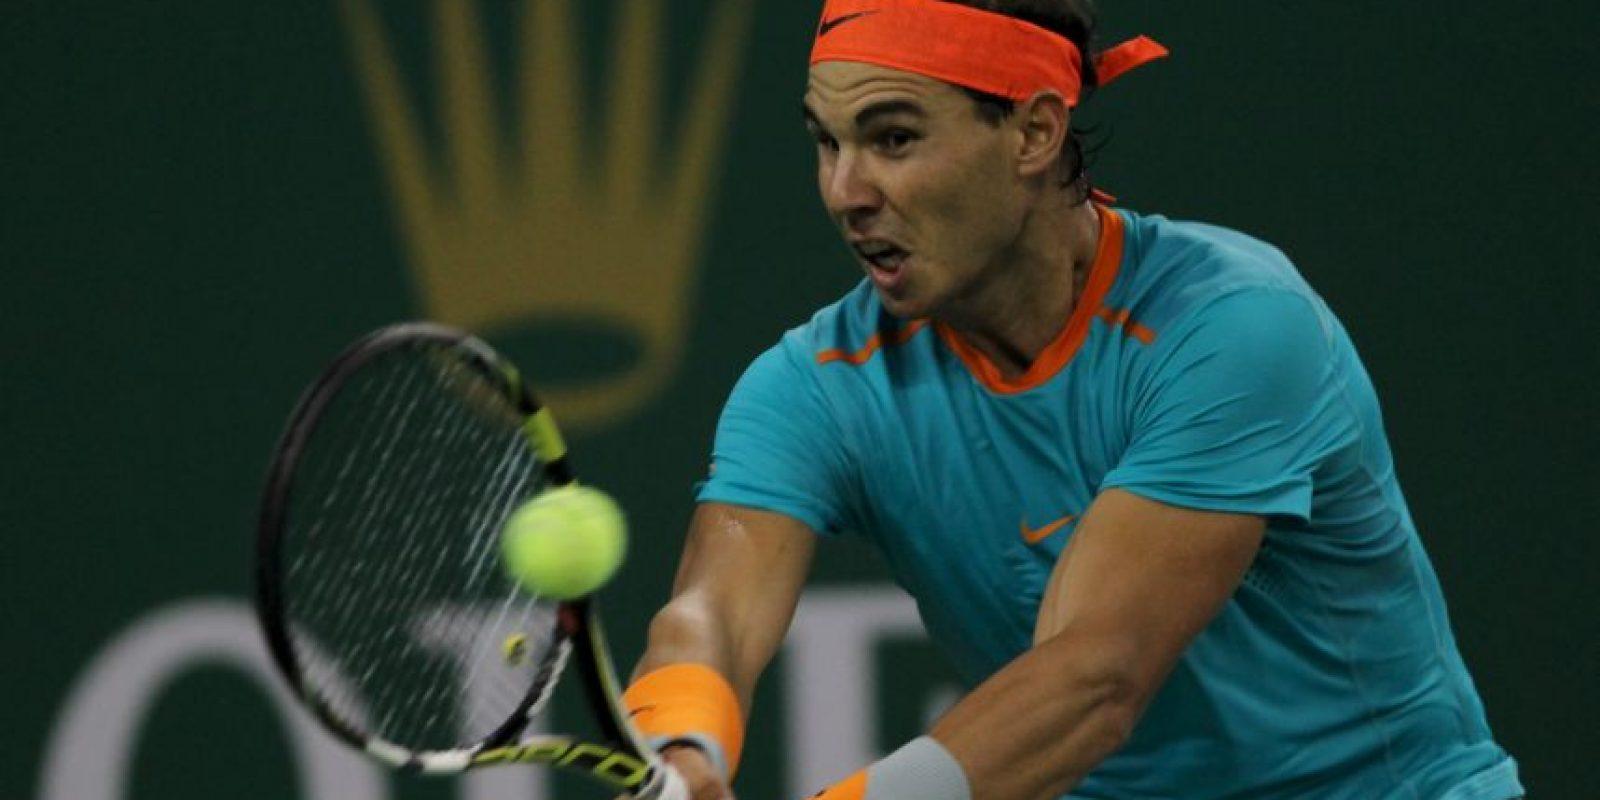 El tenista ibérico tiene un valor de 10 millones de dólares Foto:Getty